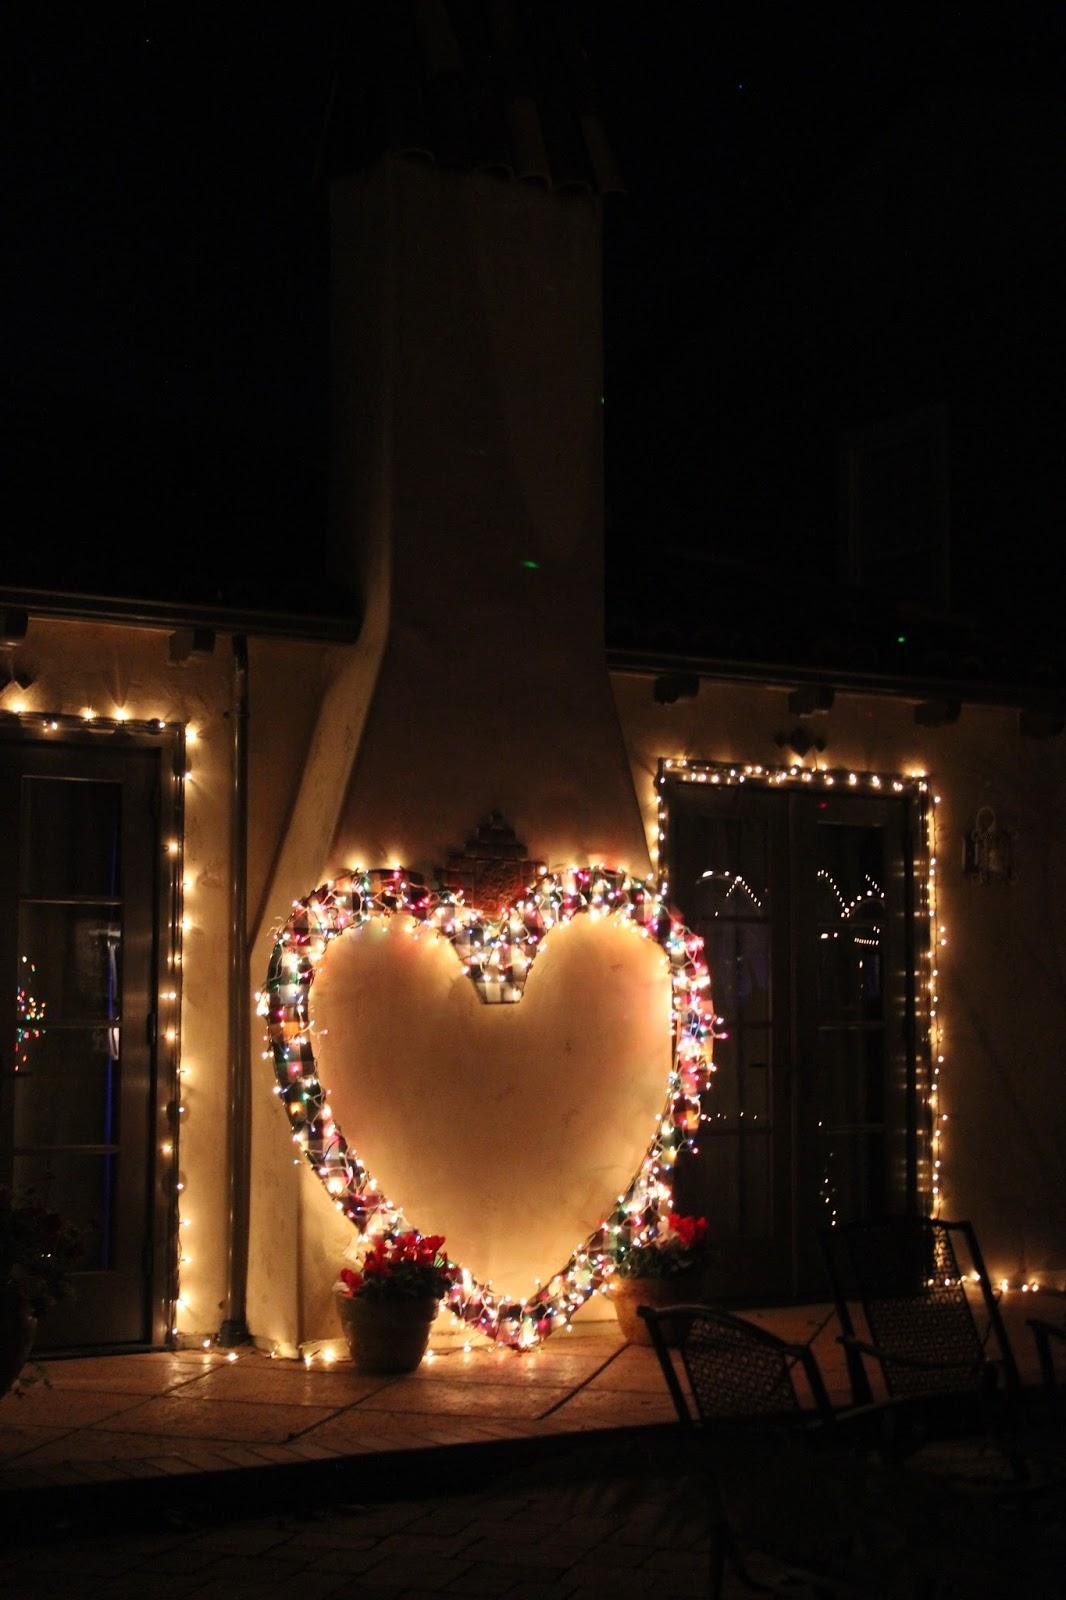 #B77014 Les Tribulations D'une Famille Française En Californie  5329 décorations de noel aux etats unis 1066x1600 px @ aertt.com